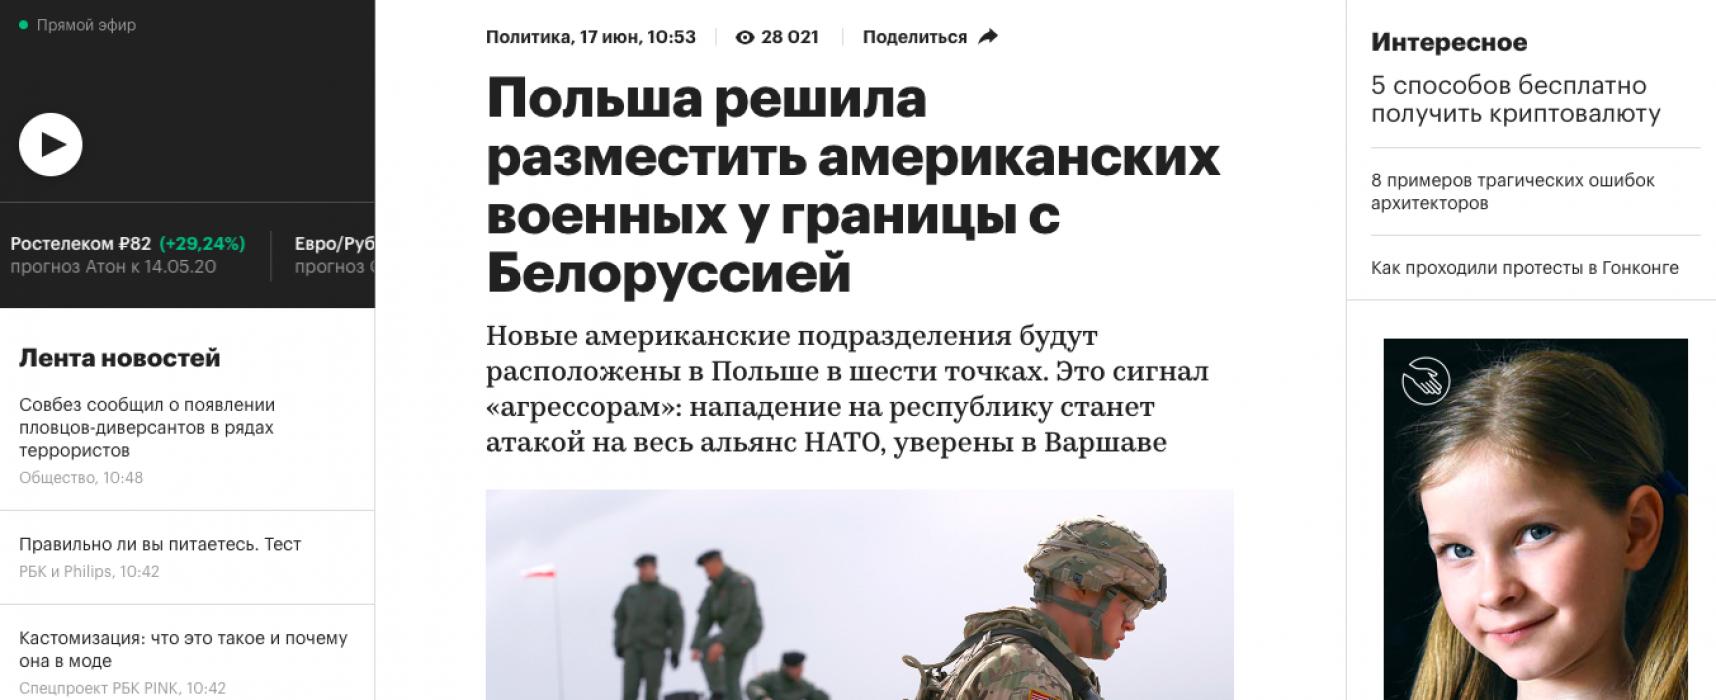 Фейк: Польша провоцирует Россию и нарушает договоры, размещая у себя военных США